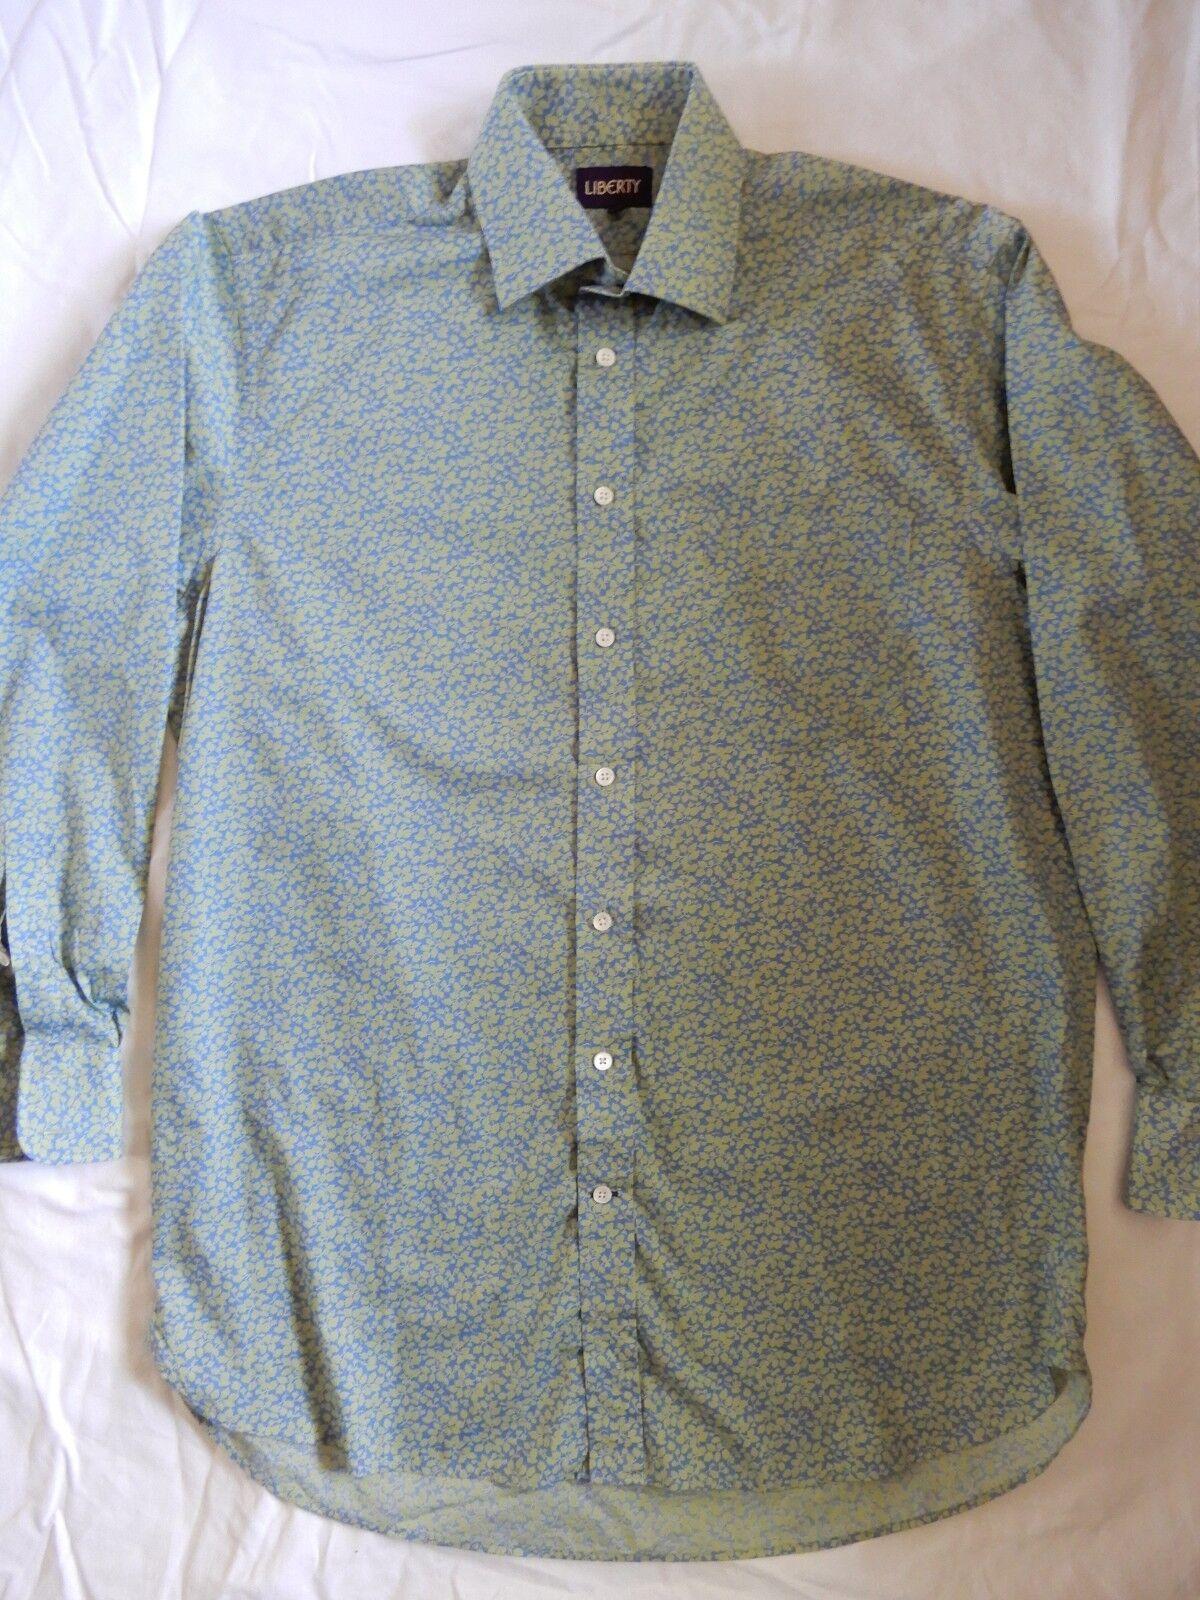 LIBERTY MANS SHIRT TANA LAWN 100% cotton fabric 16 1 2